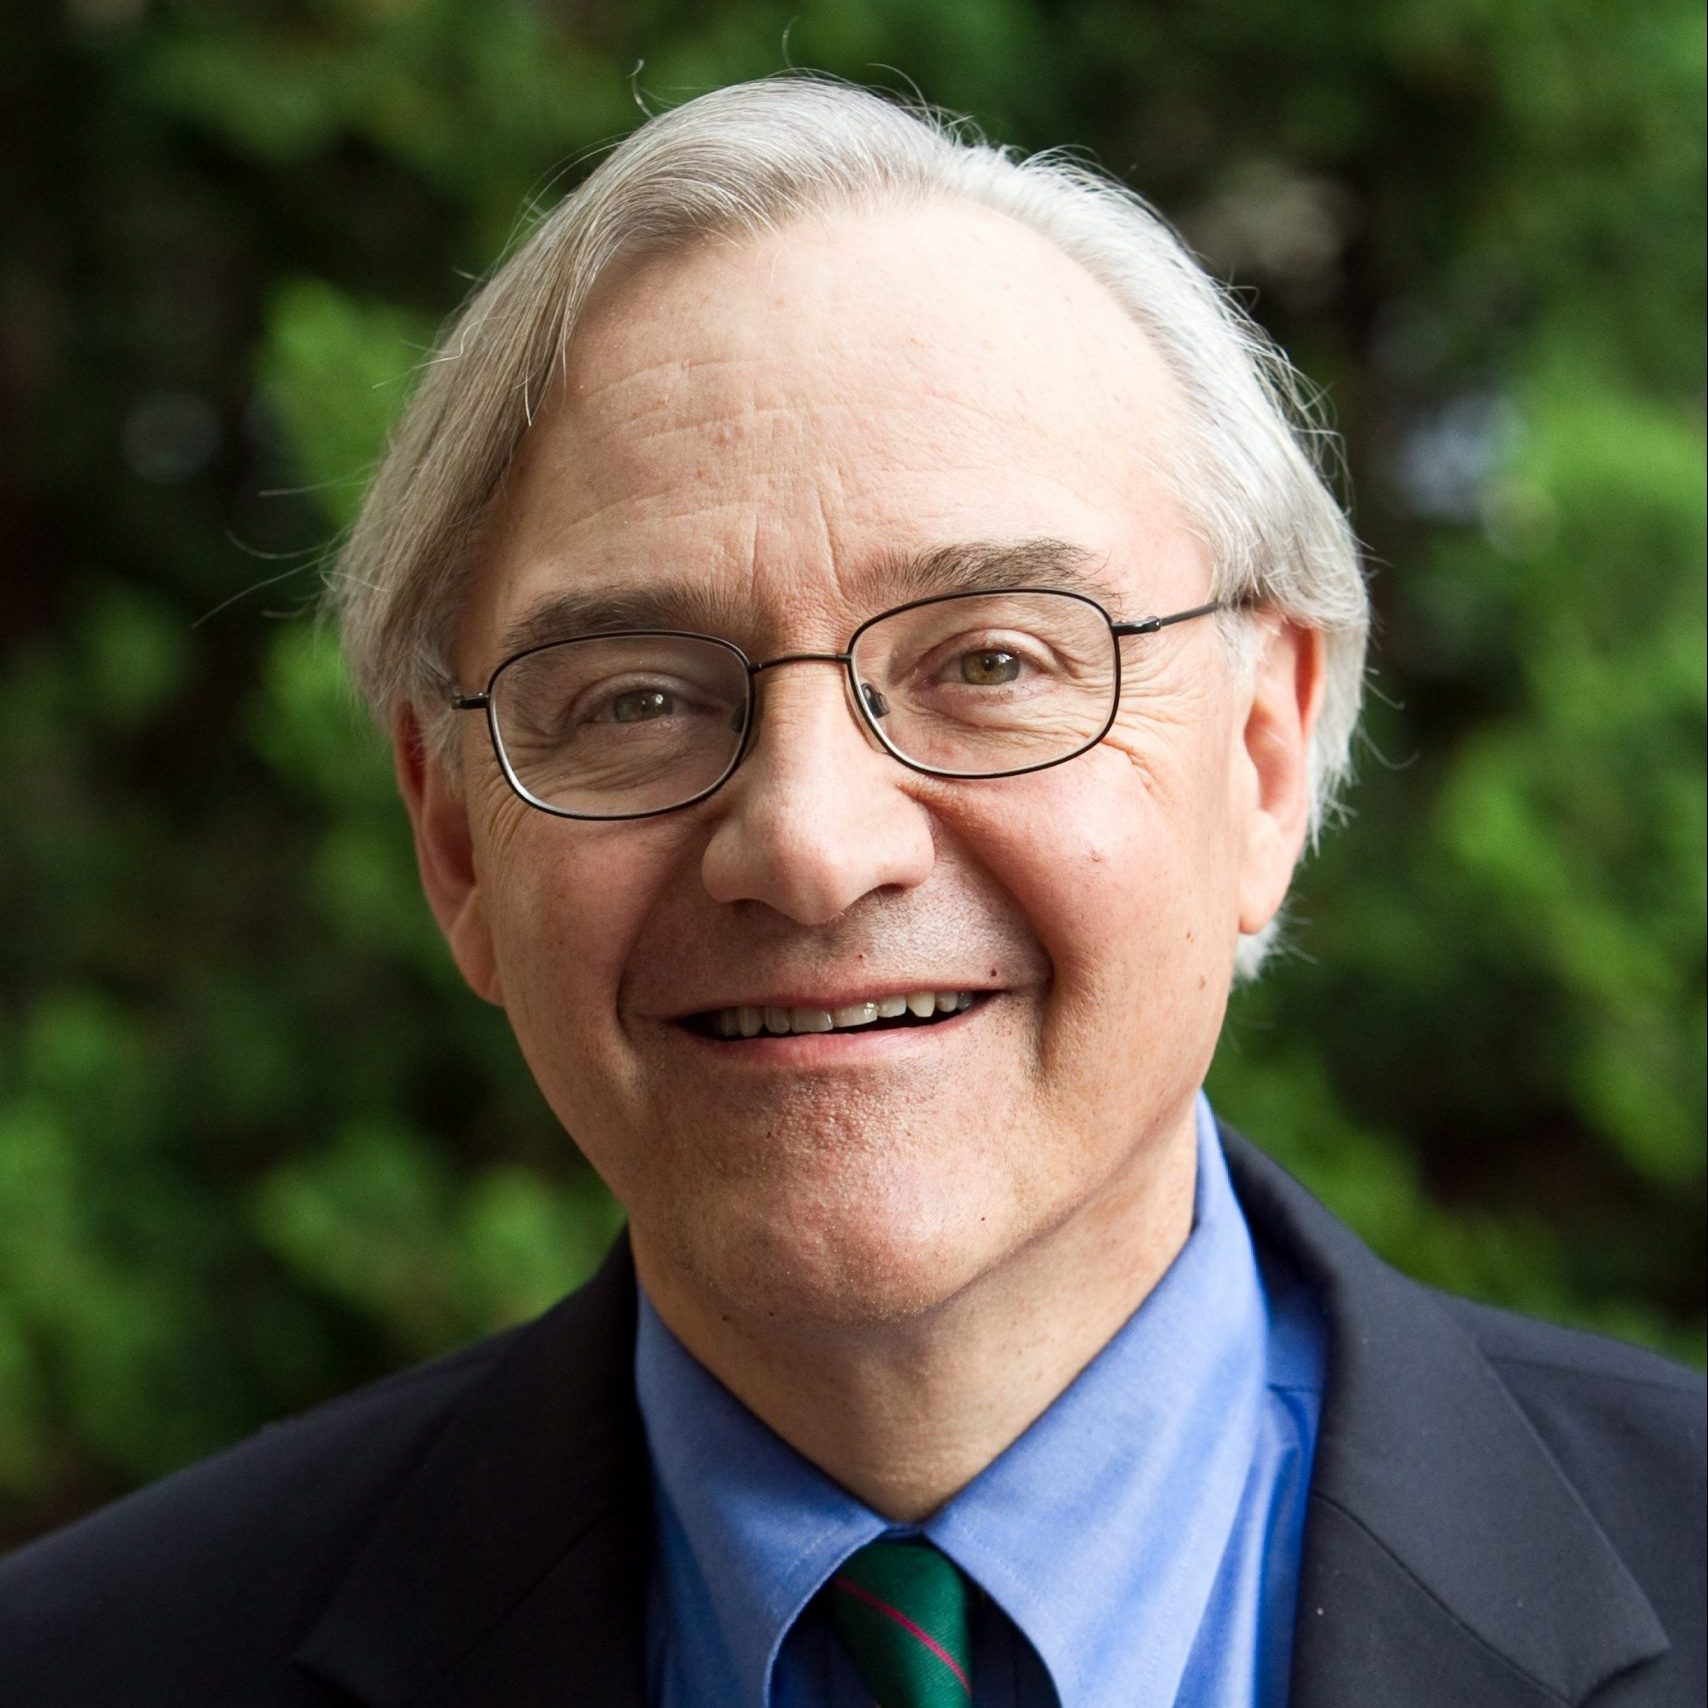 E.J. Dionne, Author, Columnist